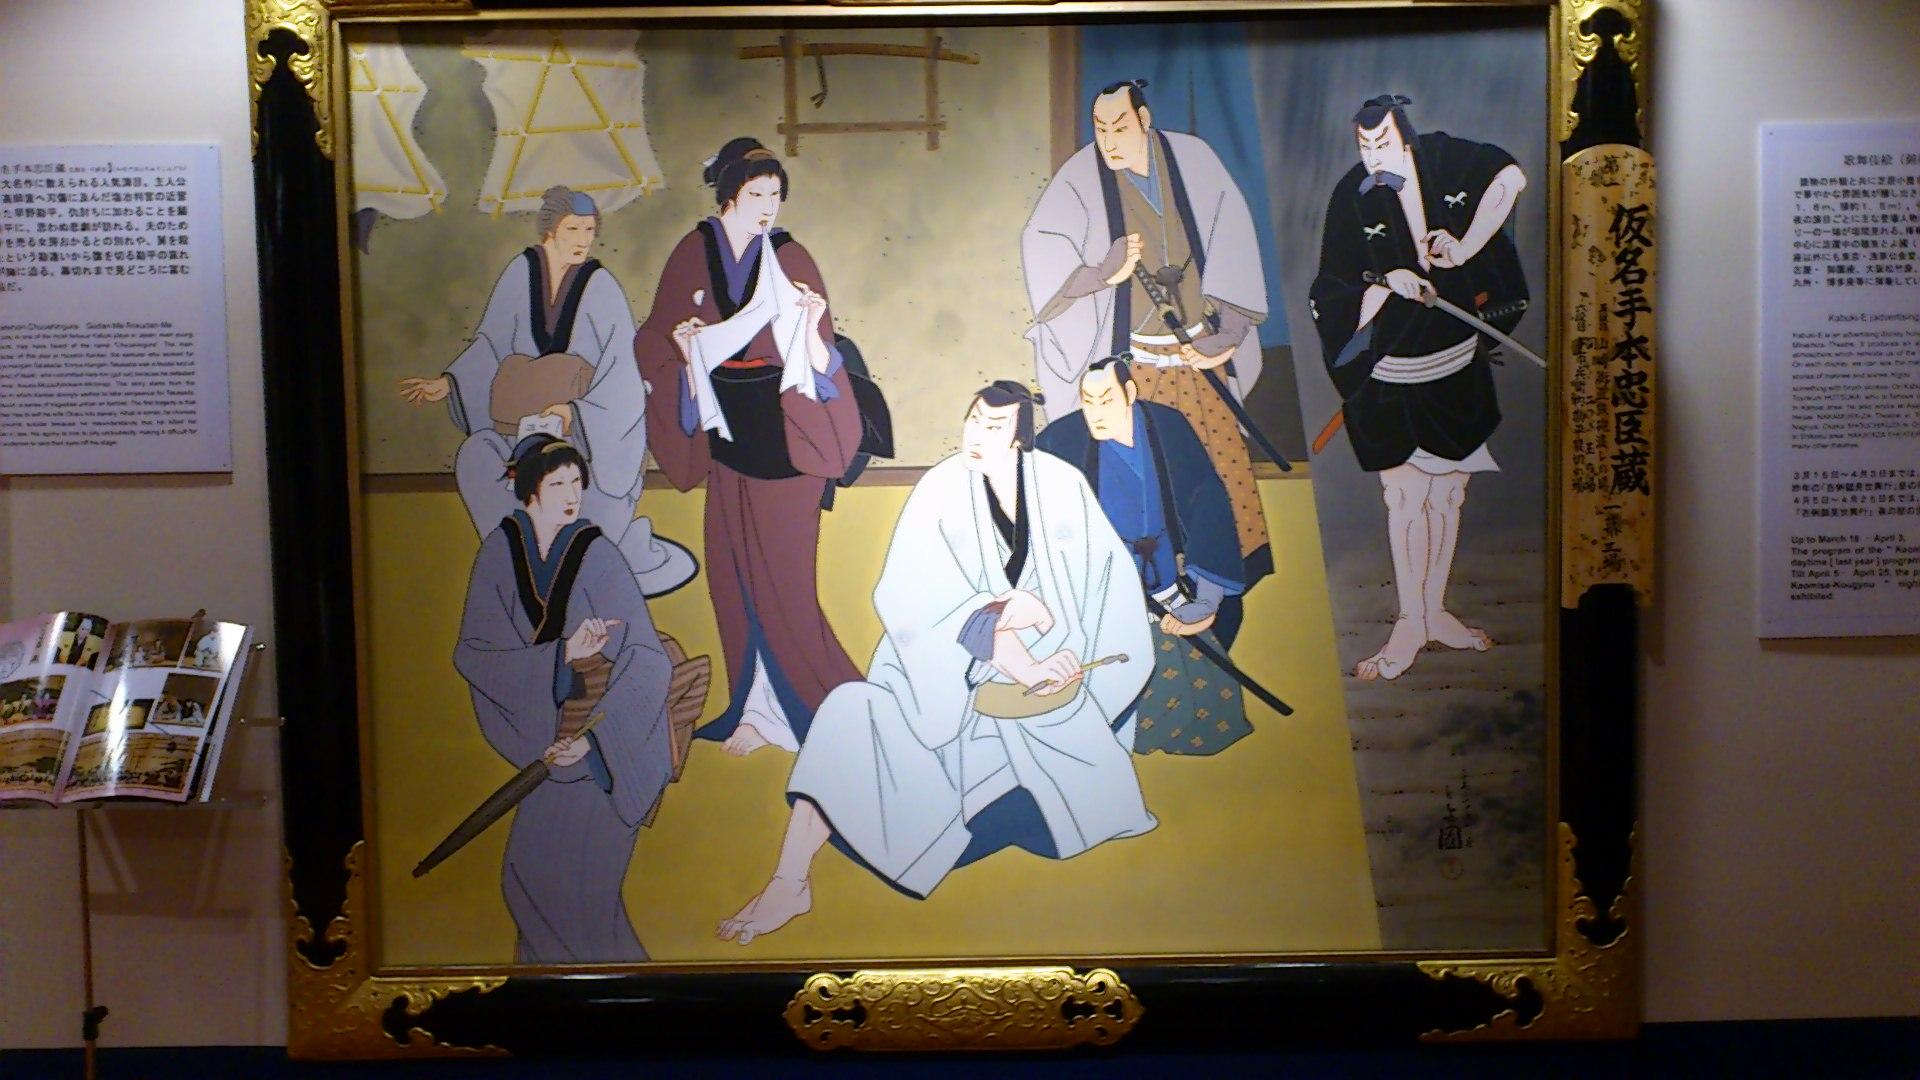 吉弥丈の藤娘は古風でおっとりと大津絵から抜け出したよう,供奴の吉太朗ちゃんは軽快な足拍子が冴えました。